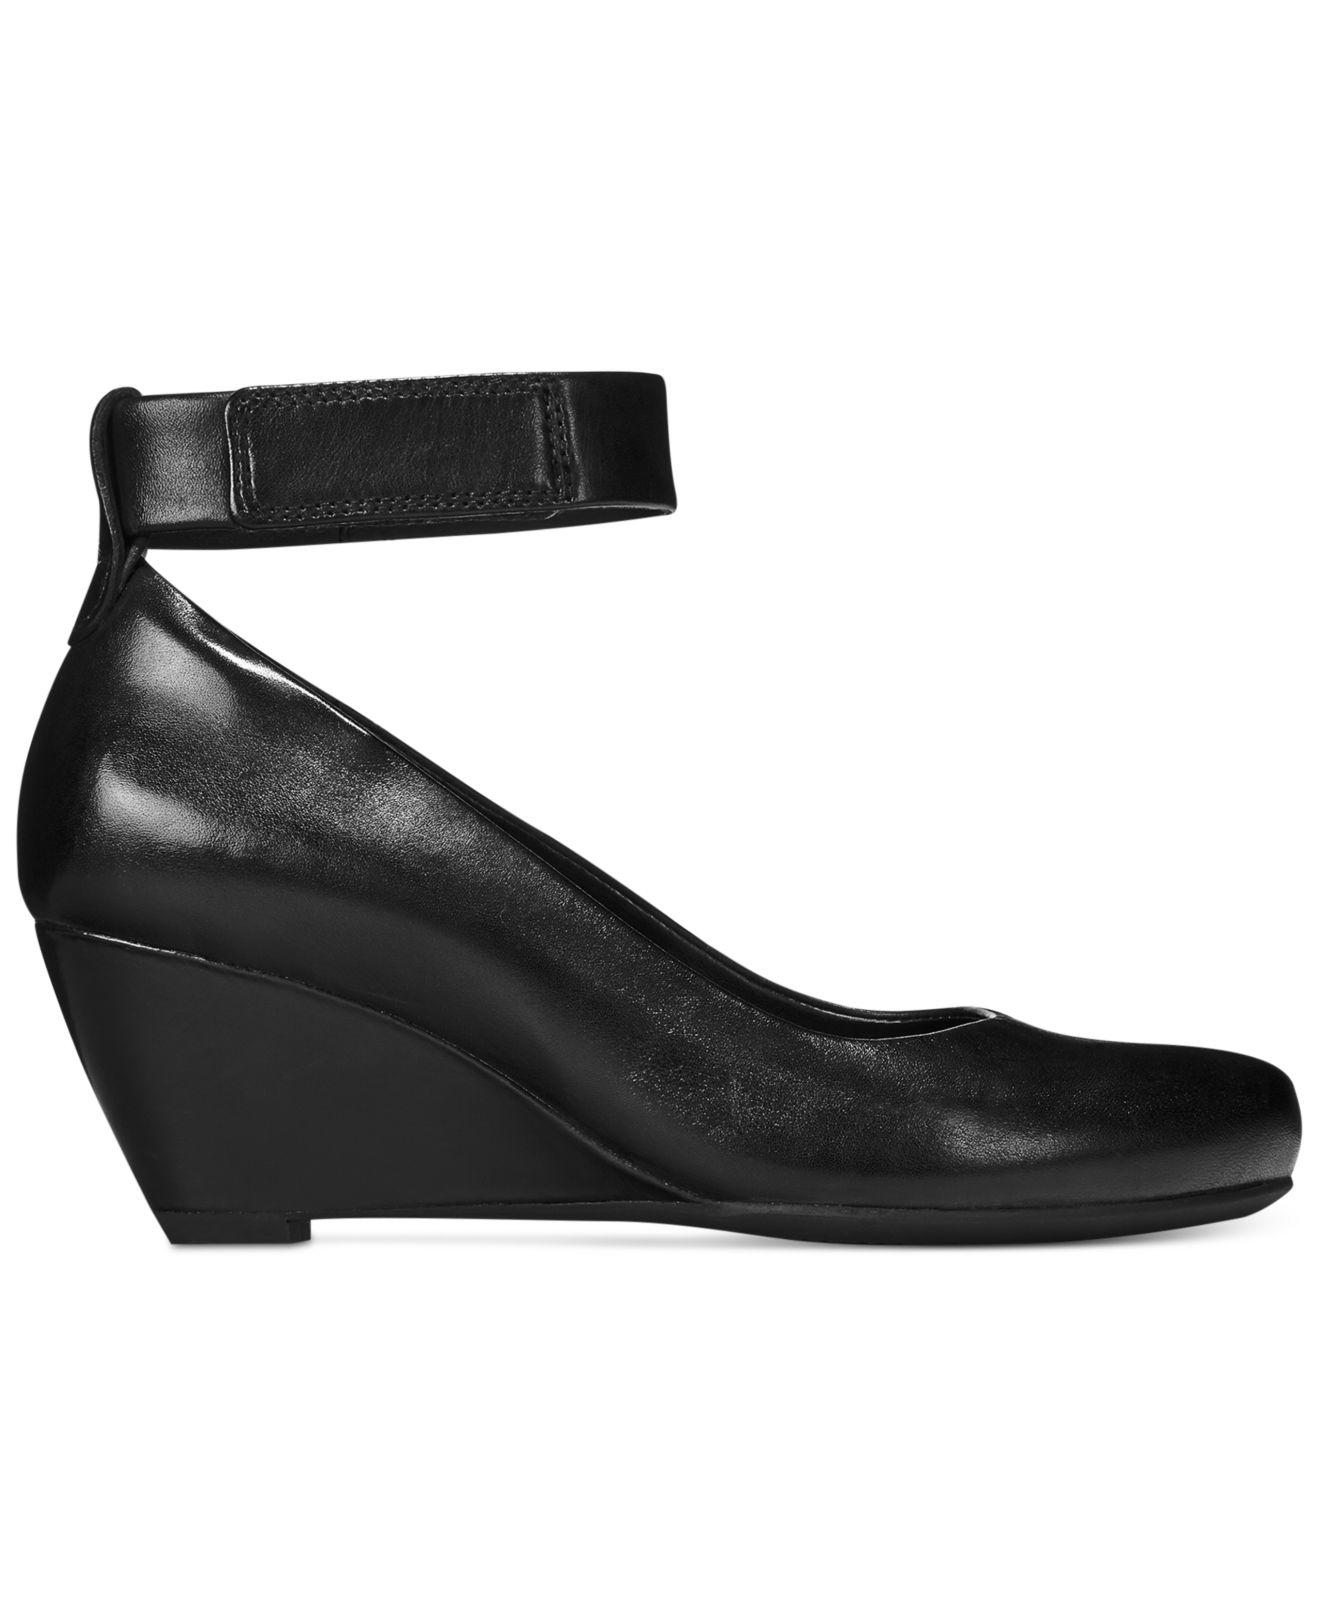 Clarks Bassett Mist Clarks- Black Leather heels